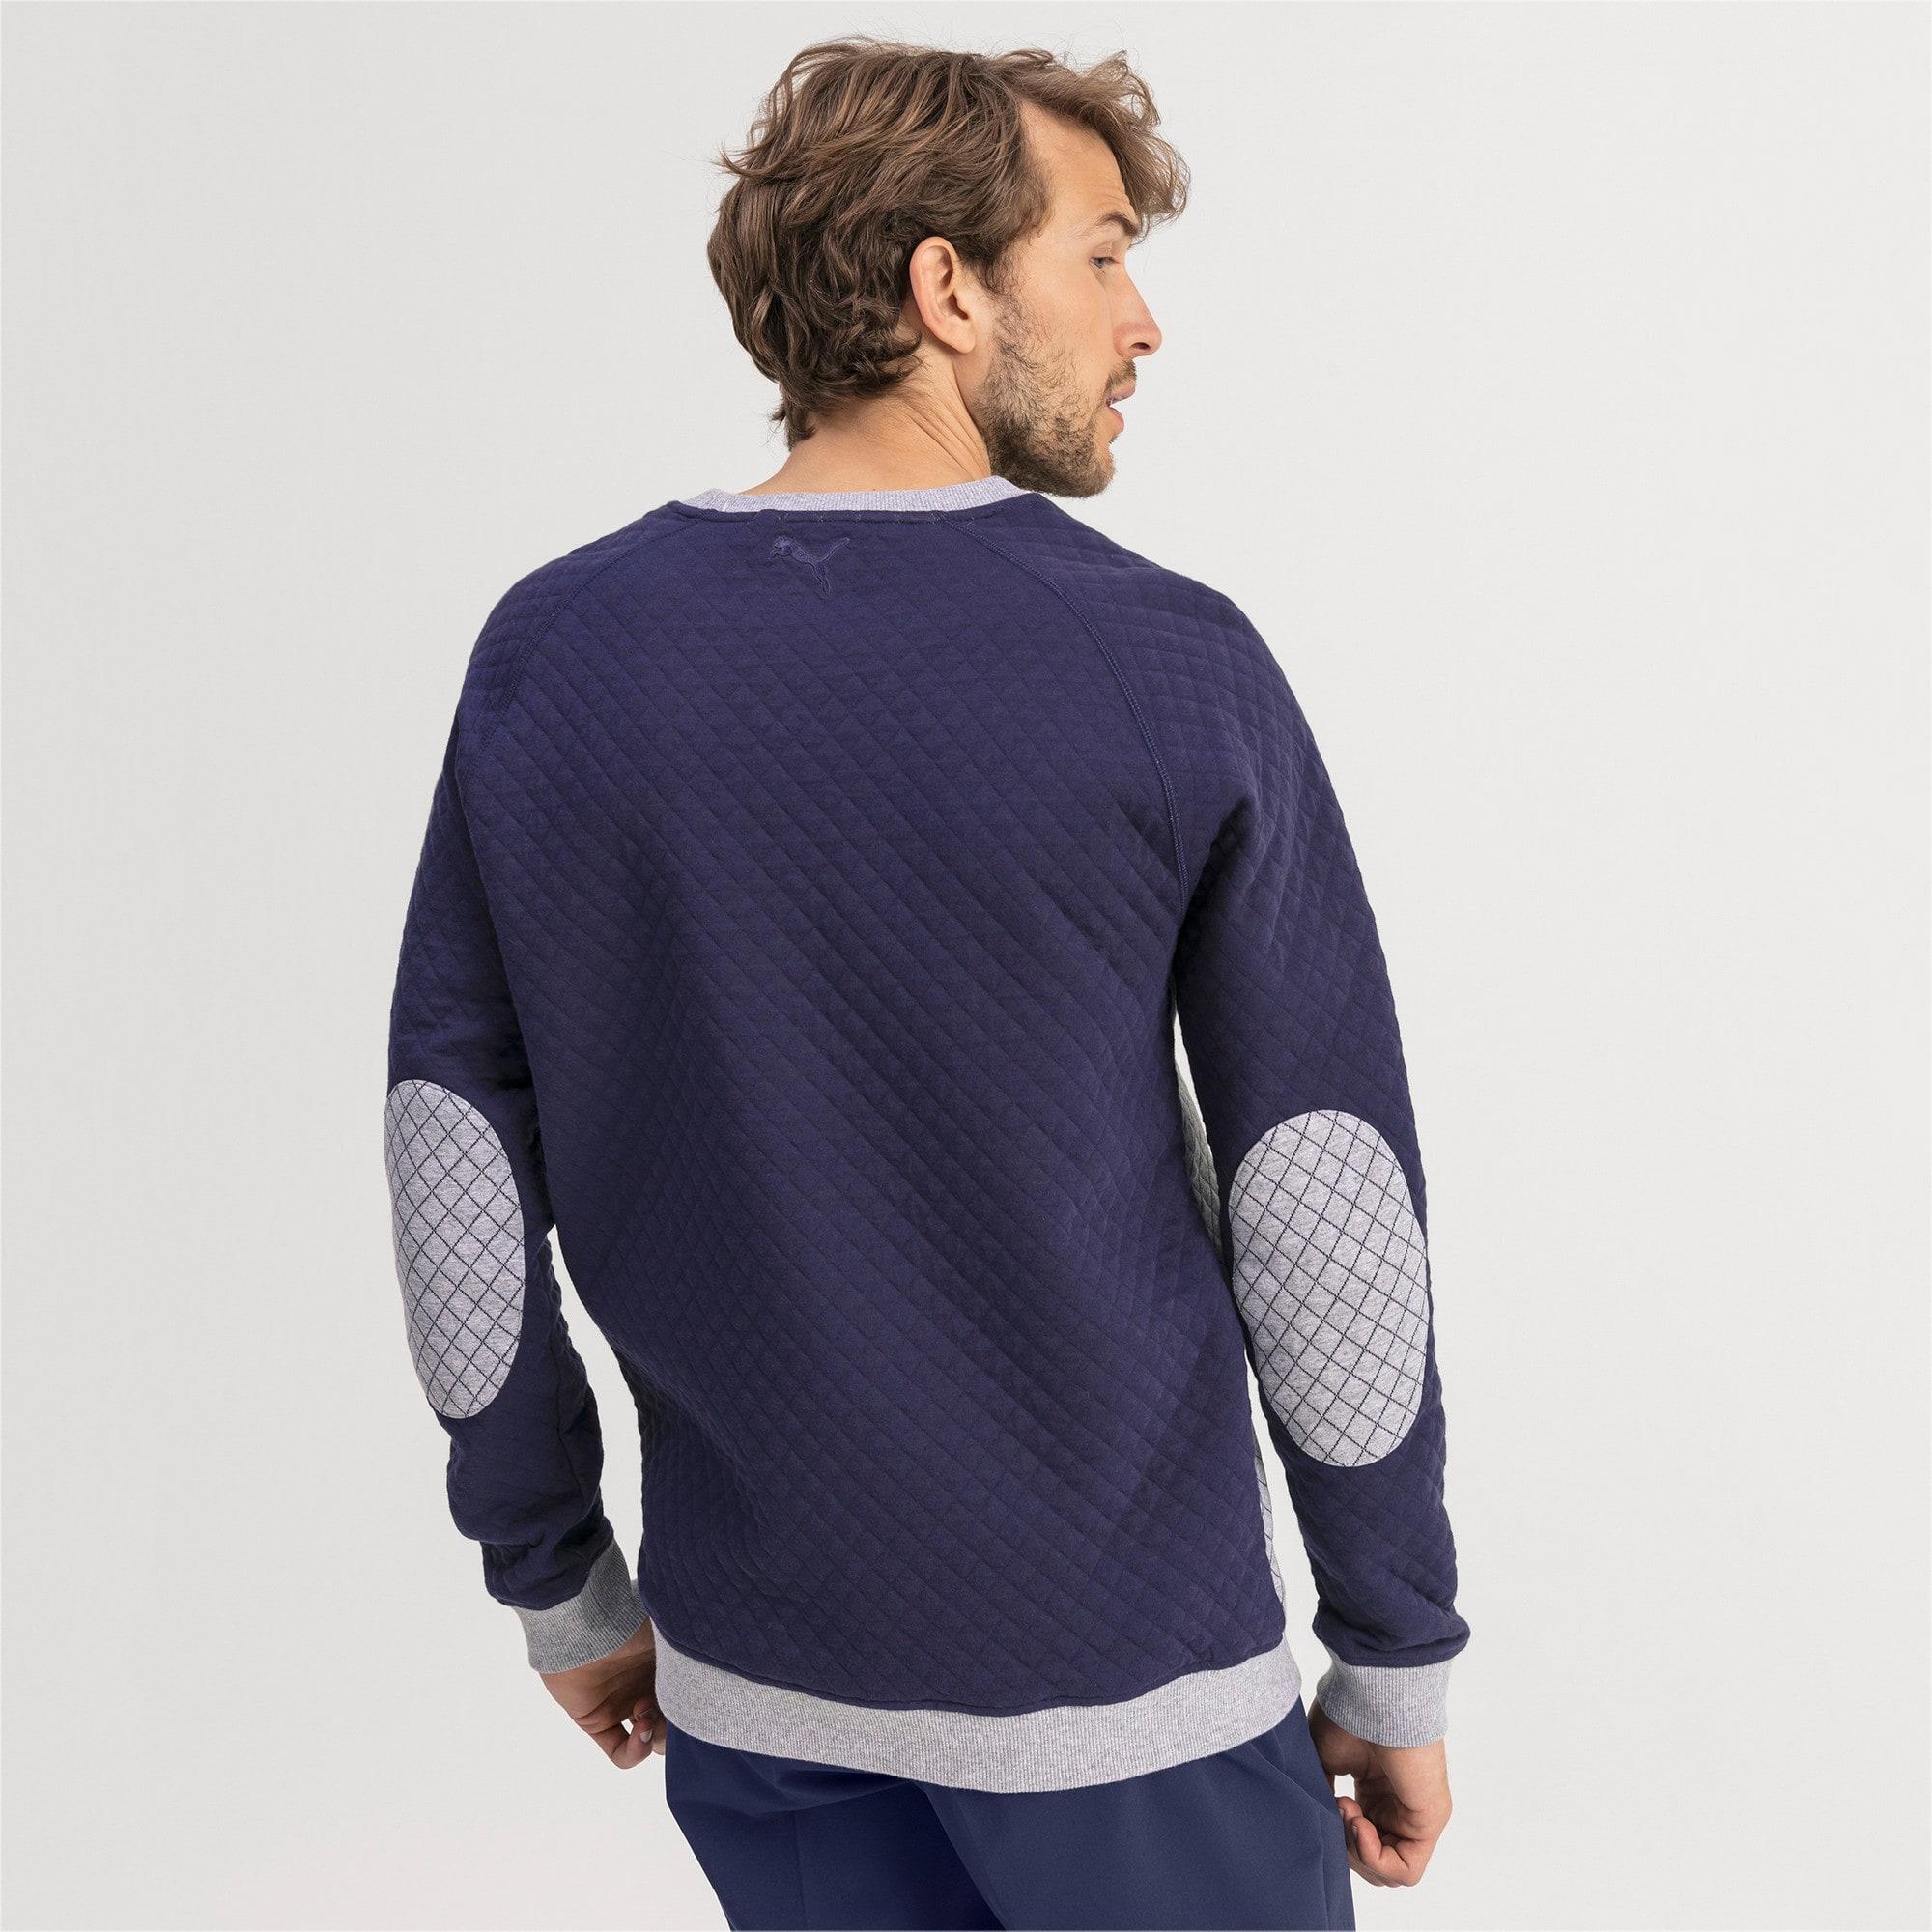 Thumbnail 2 of Doorgestikte golfsweater voor heren, Quarry Heather, medium